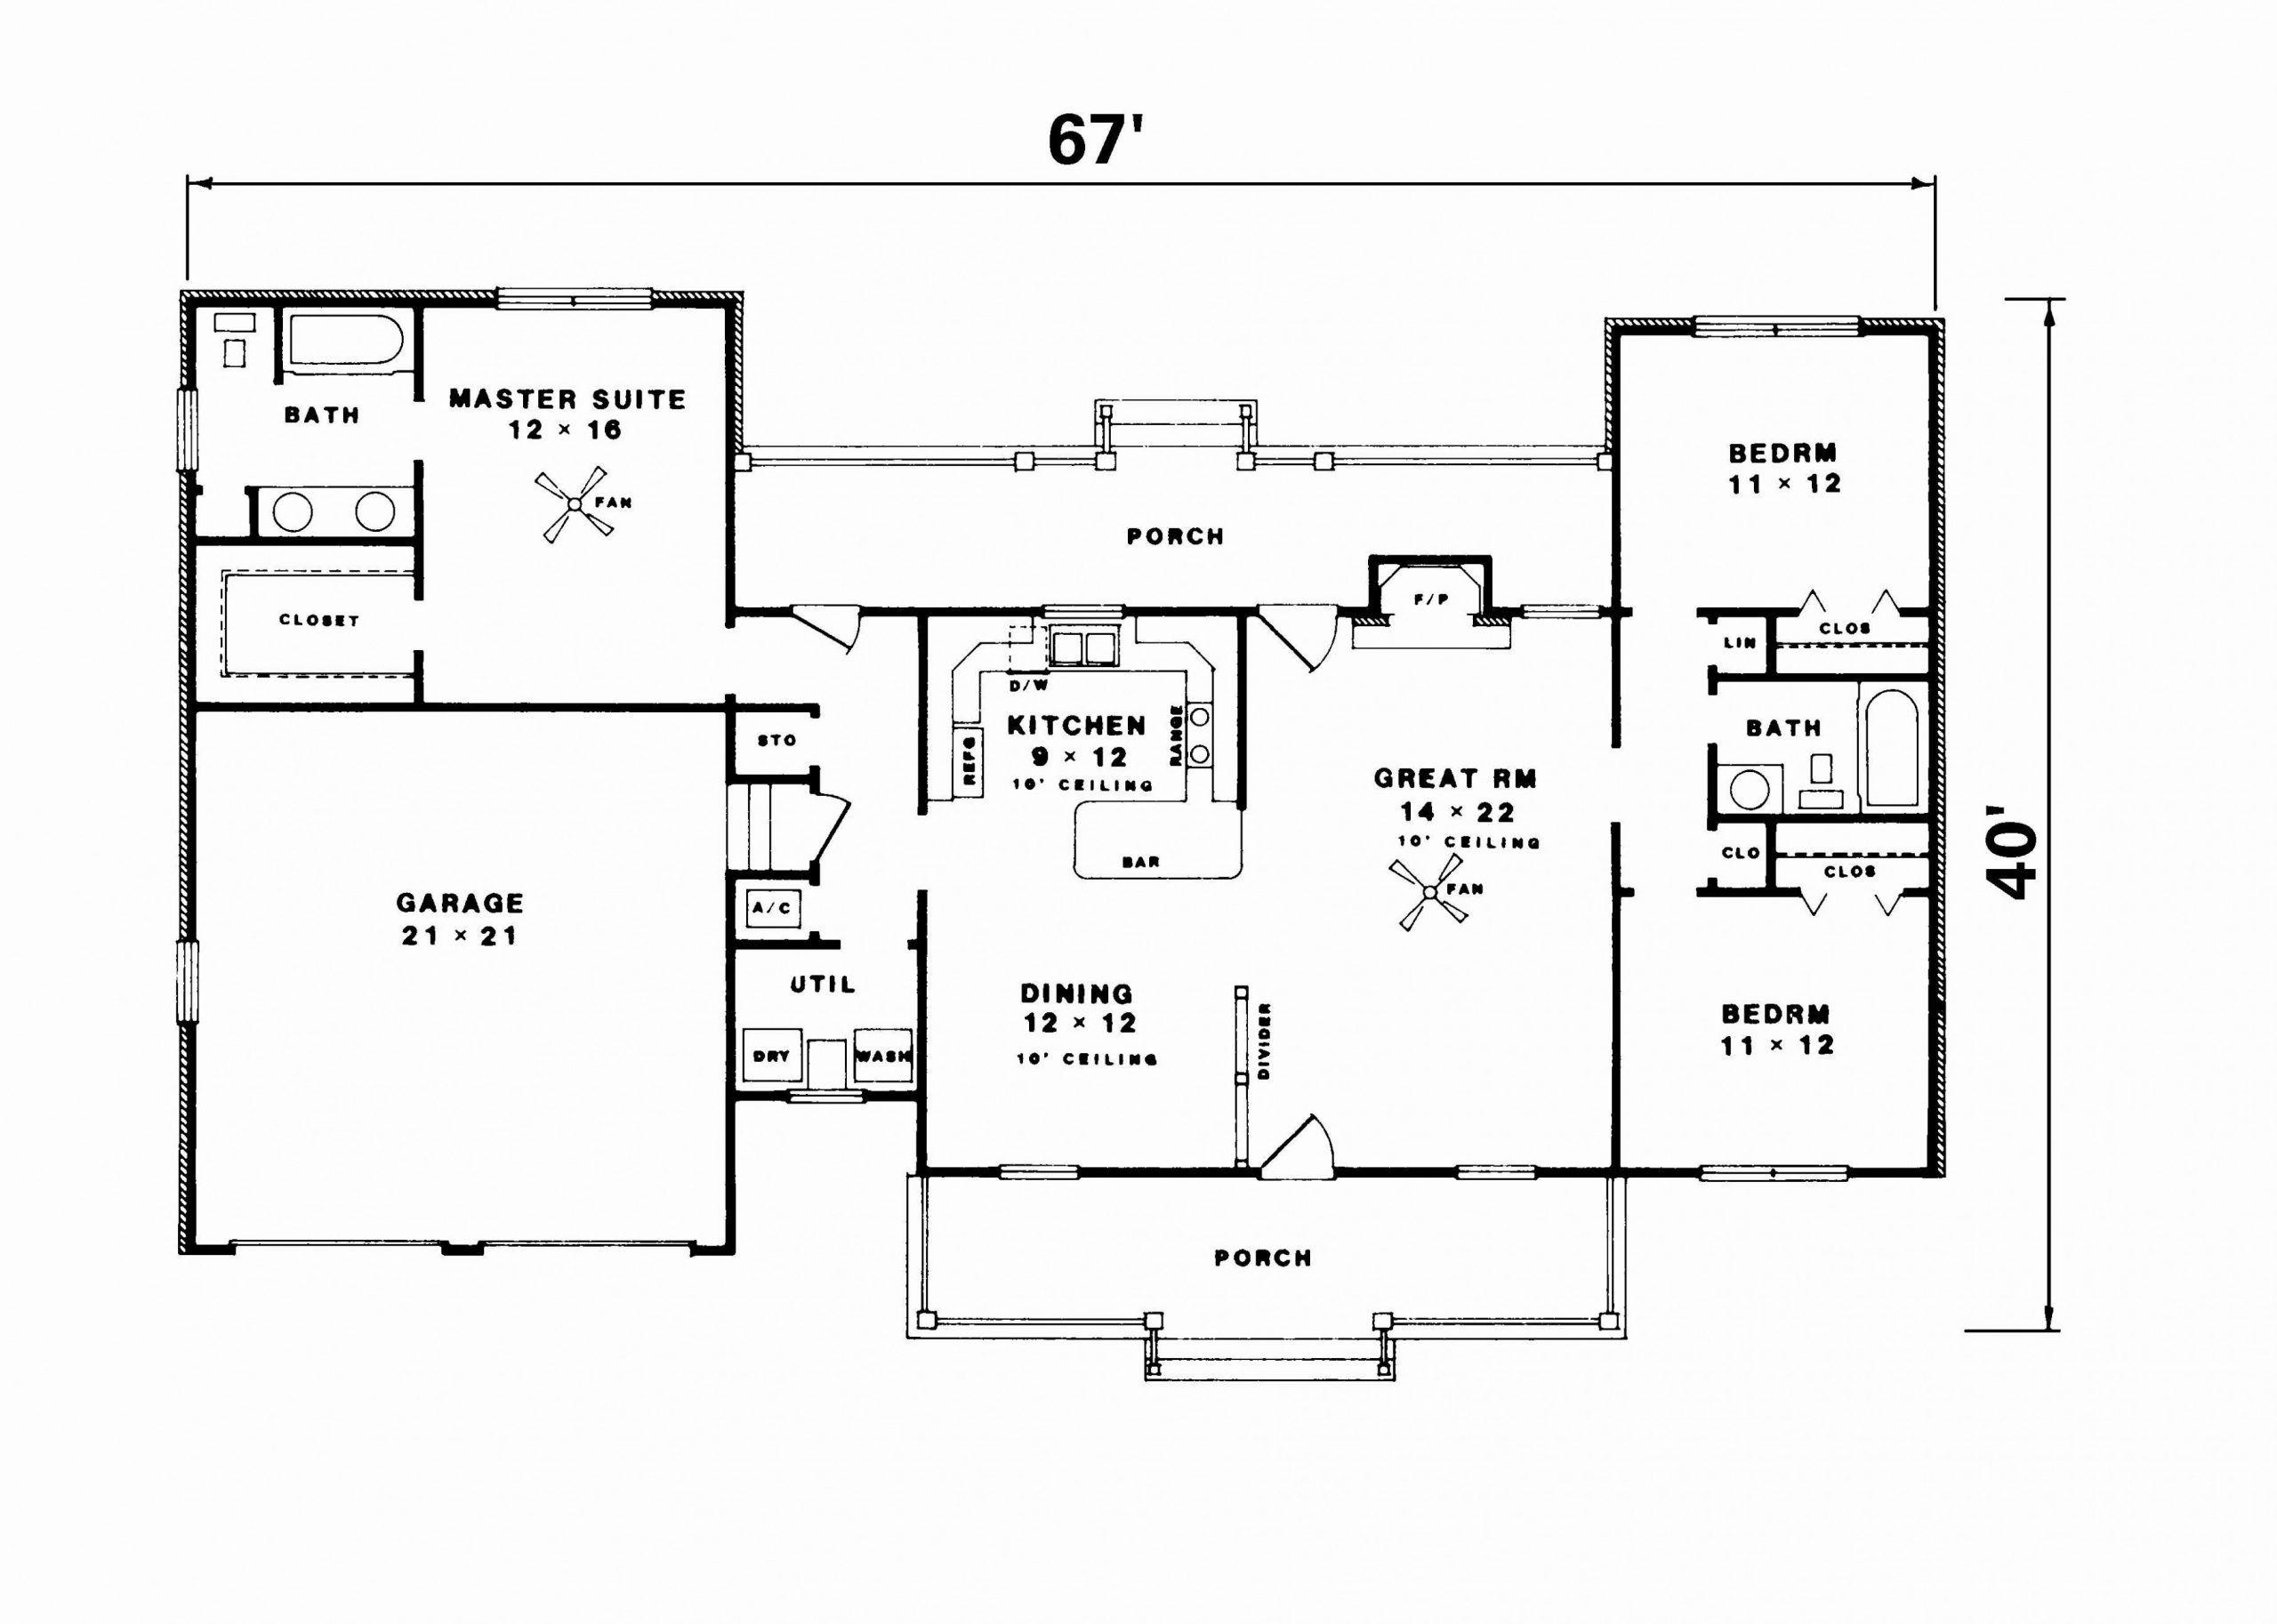 Design Your Own Bathroom Floor Plan Free Design Your Own Bathroom Floor Plan Free Design Your Own Bathroom Floor Plan Free When Bodies Body Their Own Homes T Di 2020 Dengan Gambar